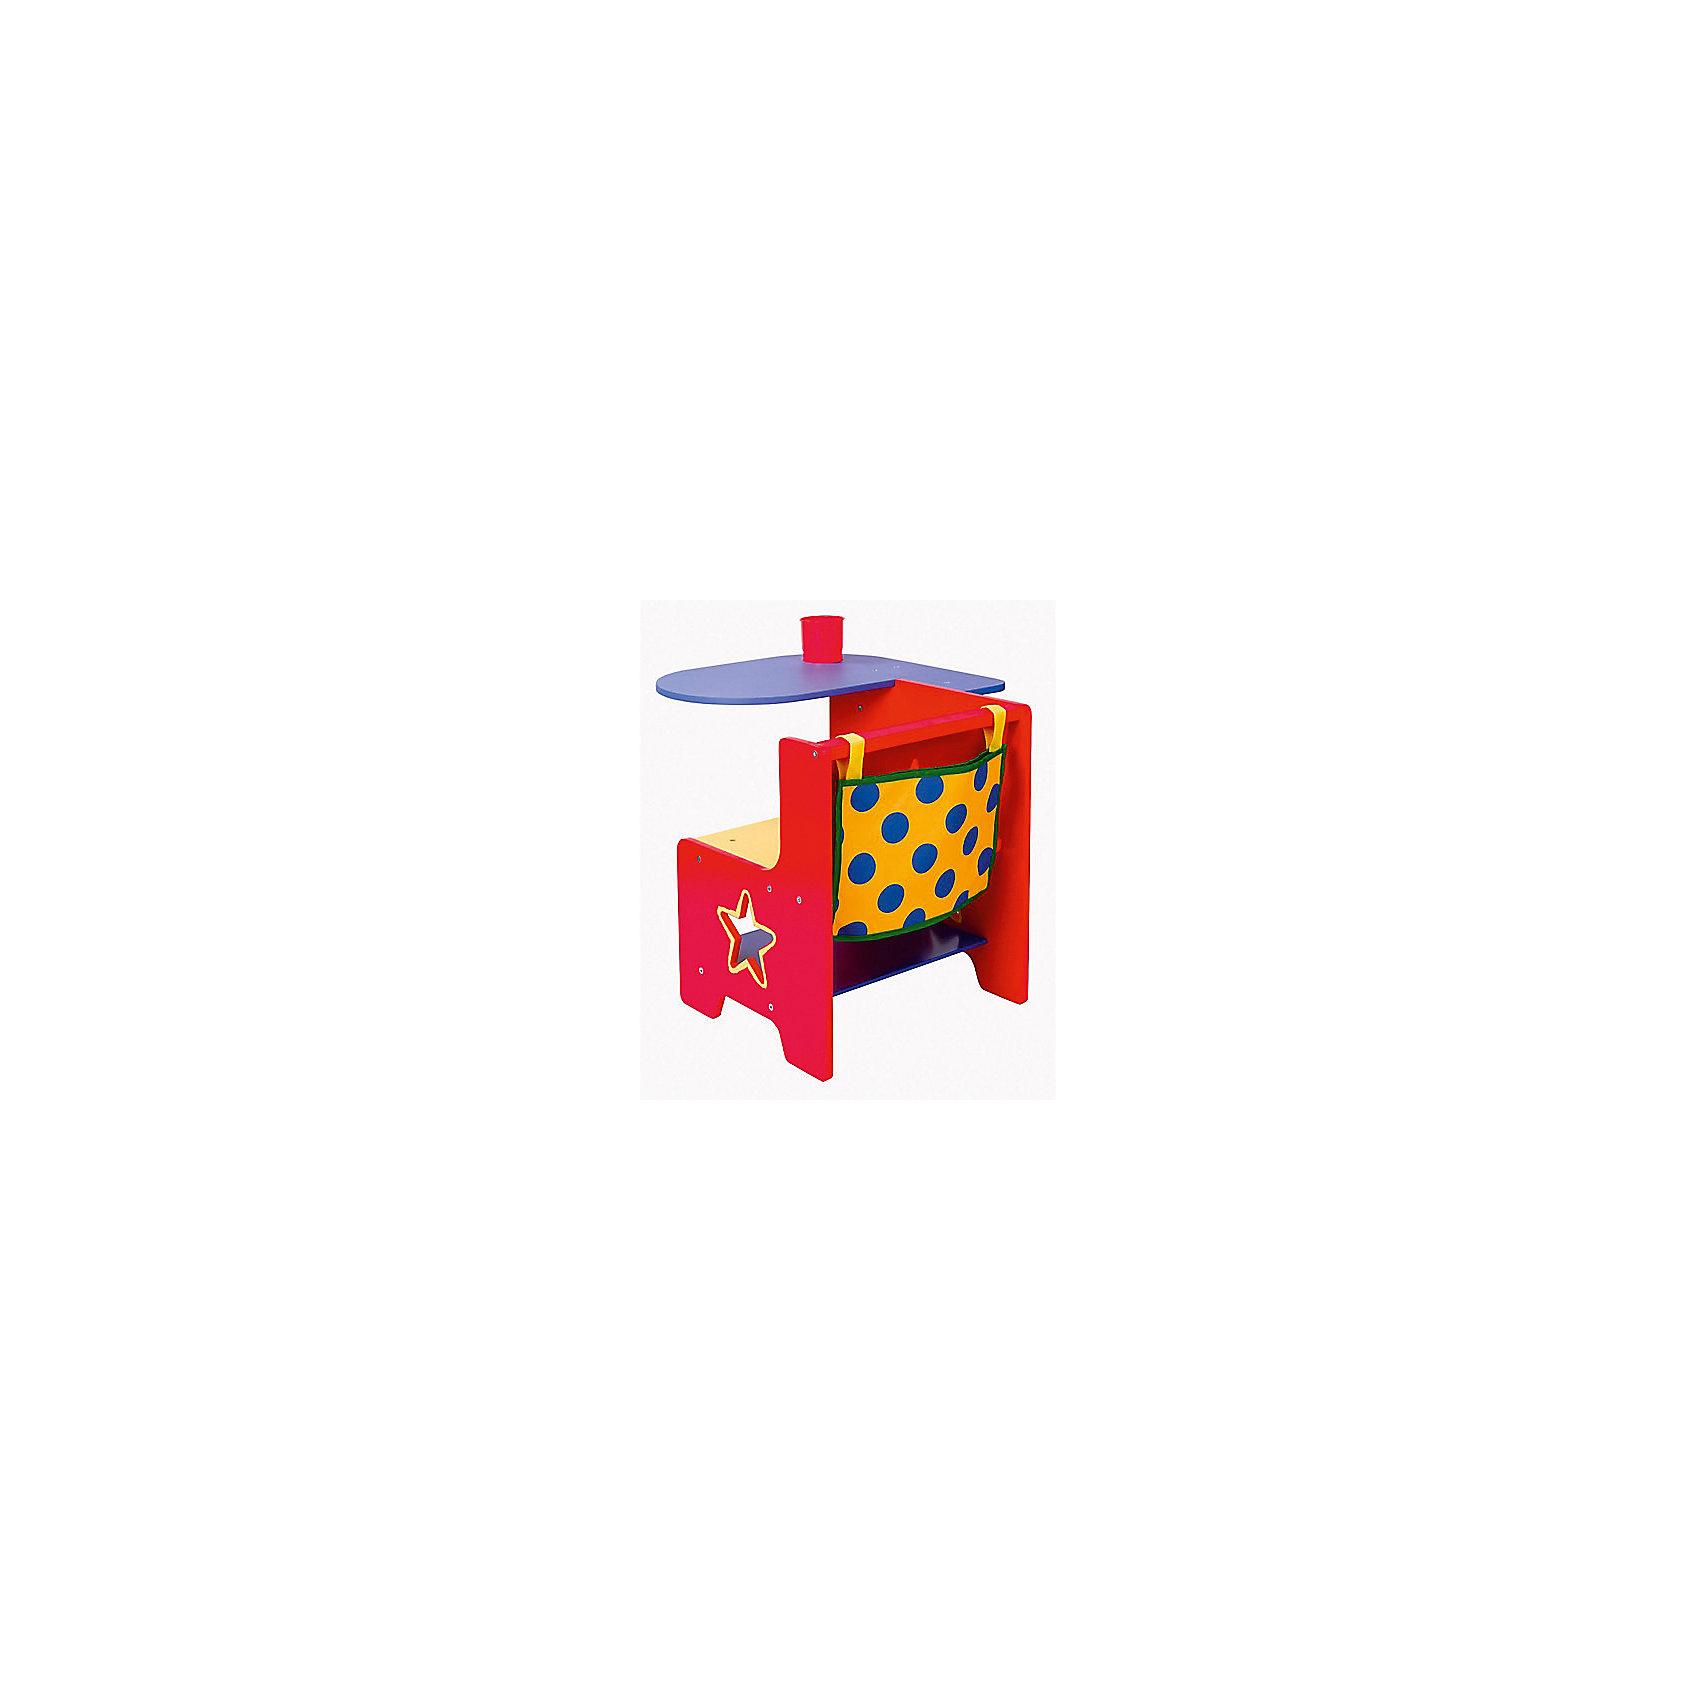 Детская парта 3, ALEXДеревянный стол-парта для маленьких художников и ваятелей!<br><br>Столешницу к сидению можно прикрепить с нужной стороны (с рассчетом на левшу или правшу). Она удобно поворачивается, для наибольшего комфорта ребенка. В столешицу вставляется стакан, в который можно поместить карандаши, фломастеры и другие необходимые предметы. <br>За спинкой сидения прикреплена сумка, в которой можно хранить бумагу и рисунки. <br><br>Дополнительная информация:<br><br>Размер упаковки (д/ш/в): 44 х 15 х 56 см.<br><br>Подарите ребенку экологически чистый и грамотно разработанный комфорт при развивающих занятиях!<br>Можно легко приобрести в нашем интернет-магазине!<br><br>Ширина мм: 440<br>Глубина мм: 150<br>Высота мм: 560<br>Вес г: 8081<br>Возраст от месяцев: 36<br>Возраст до месяцев: 1188<br>Пол: Унисекс<br>Возраст: Детский<br>SKU: 2353470